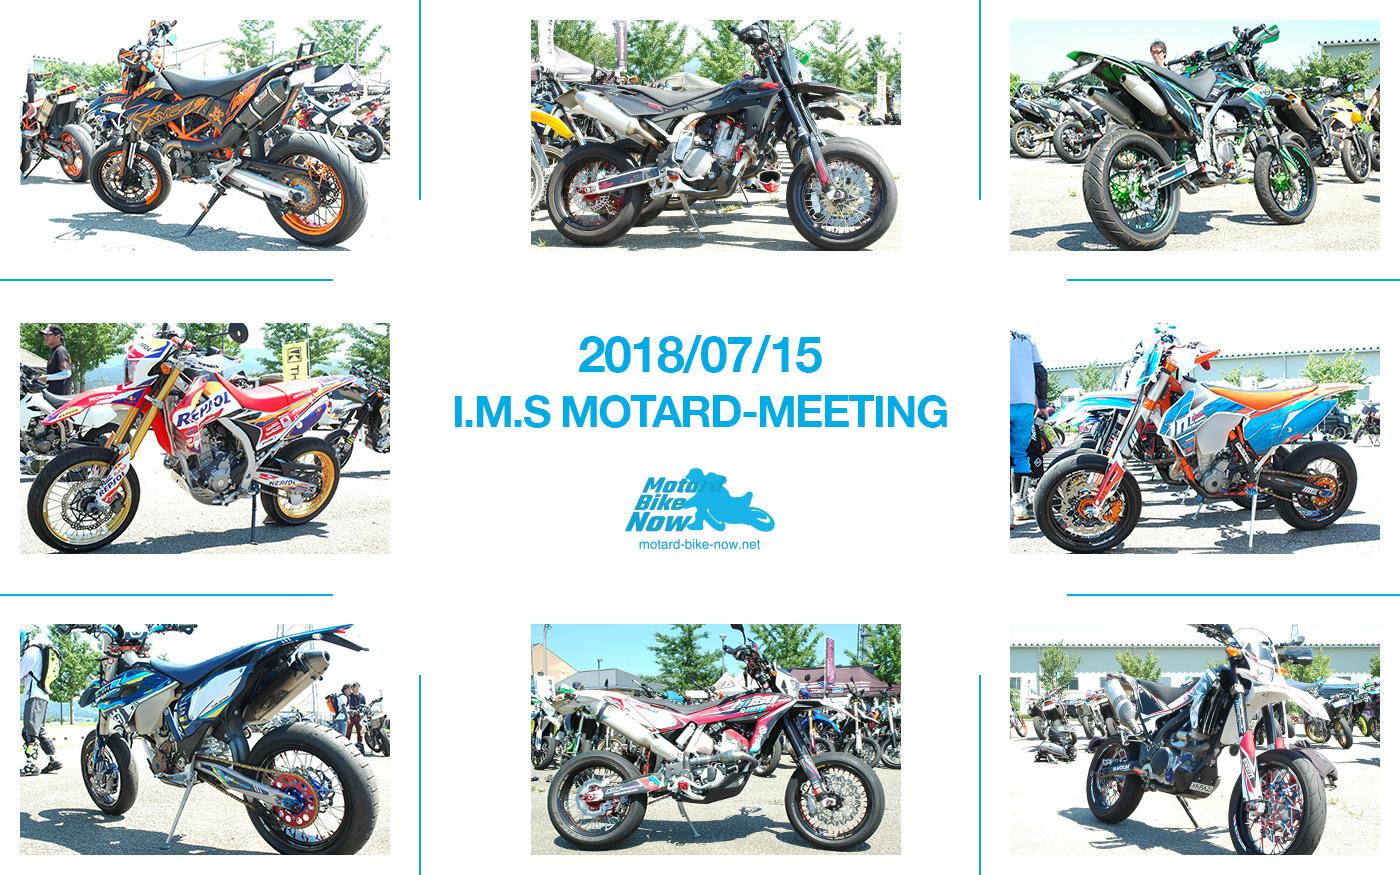 フォトギャラリー 2018/07/15 IMS イシモタストリートミーティング 個々のバイクパート